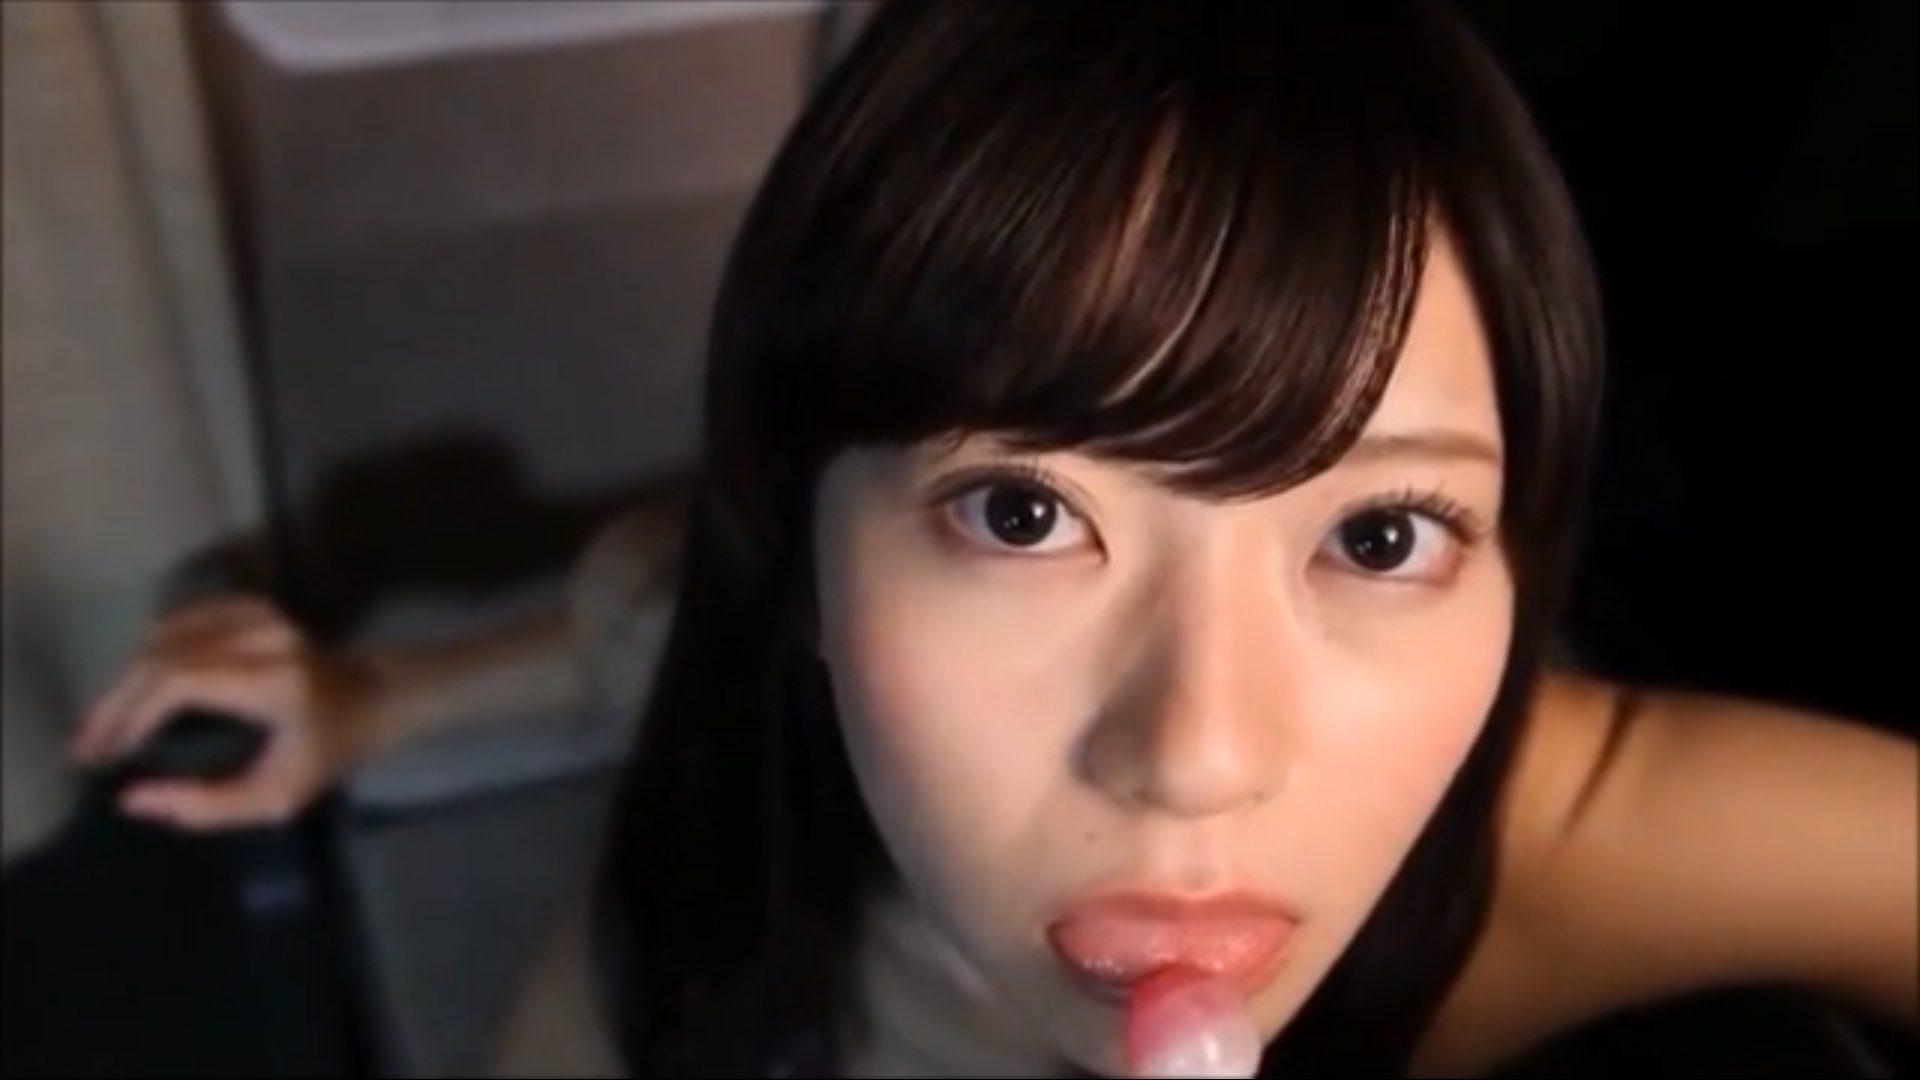 【田中めい】Bカップ5 じっくりねっとり舐める!見つめながら!凄まじい開脚姿も披露!